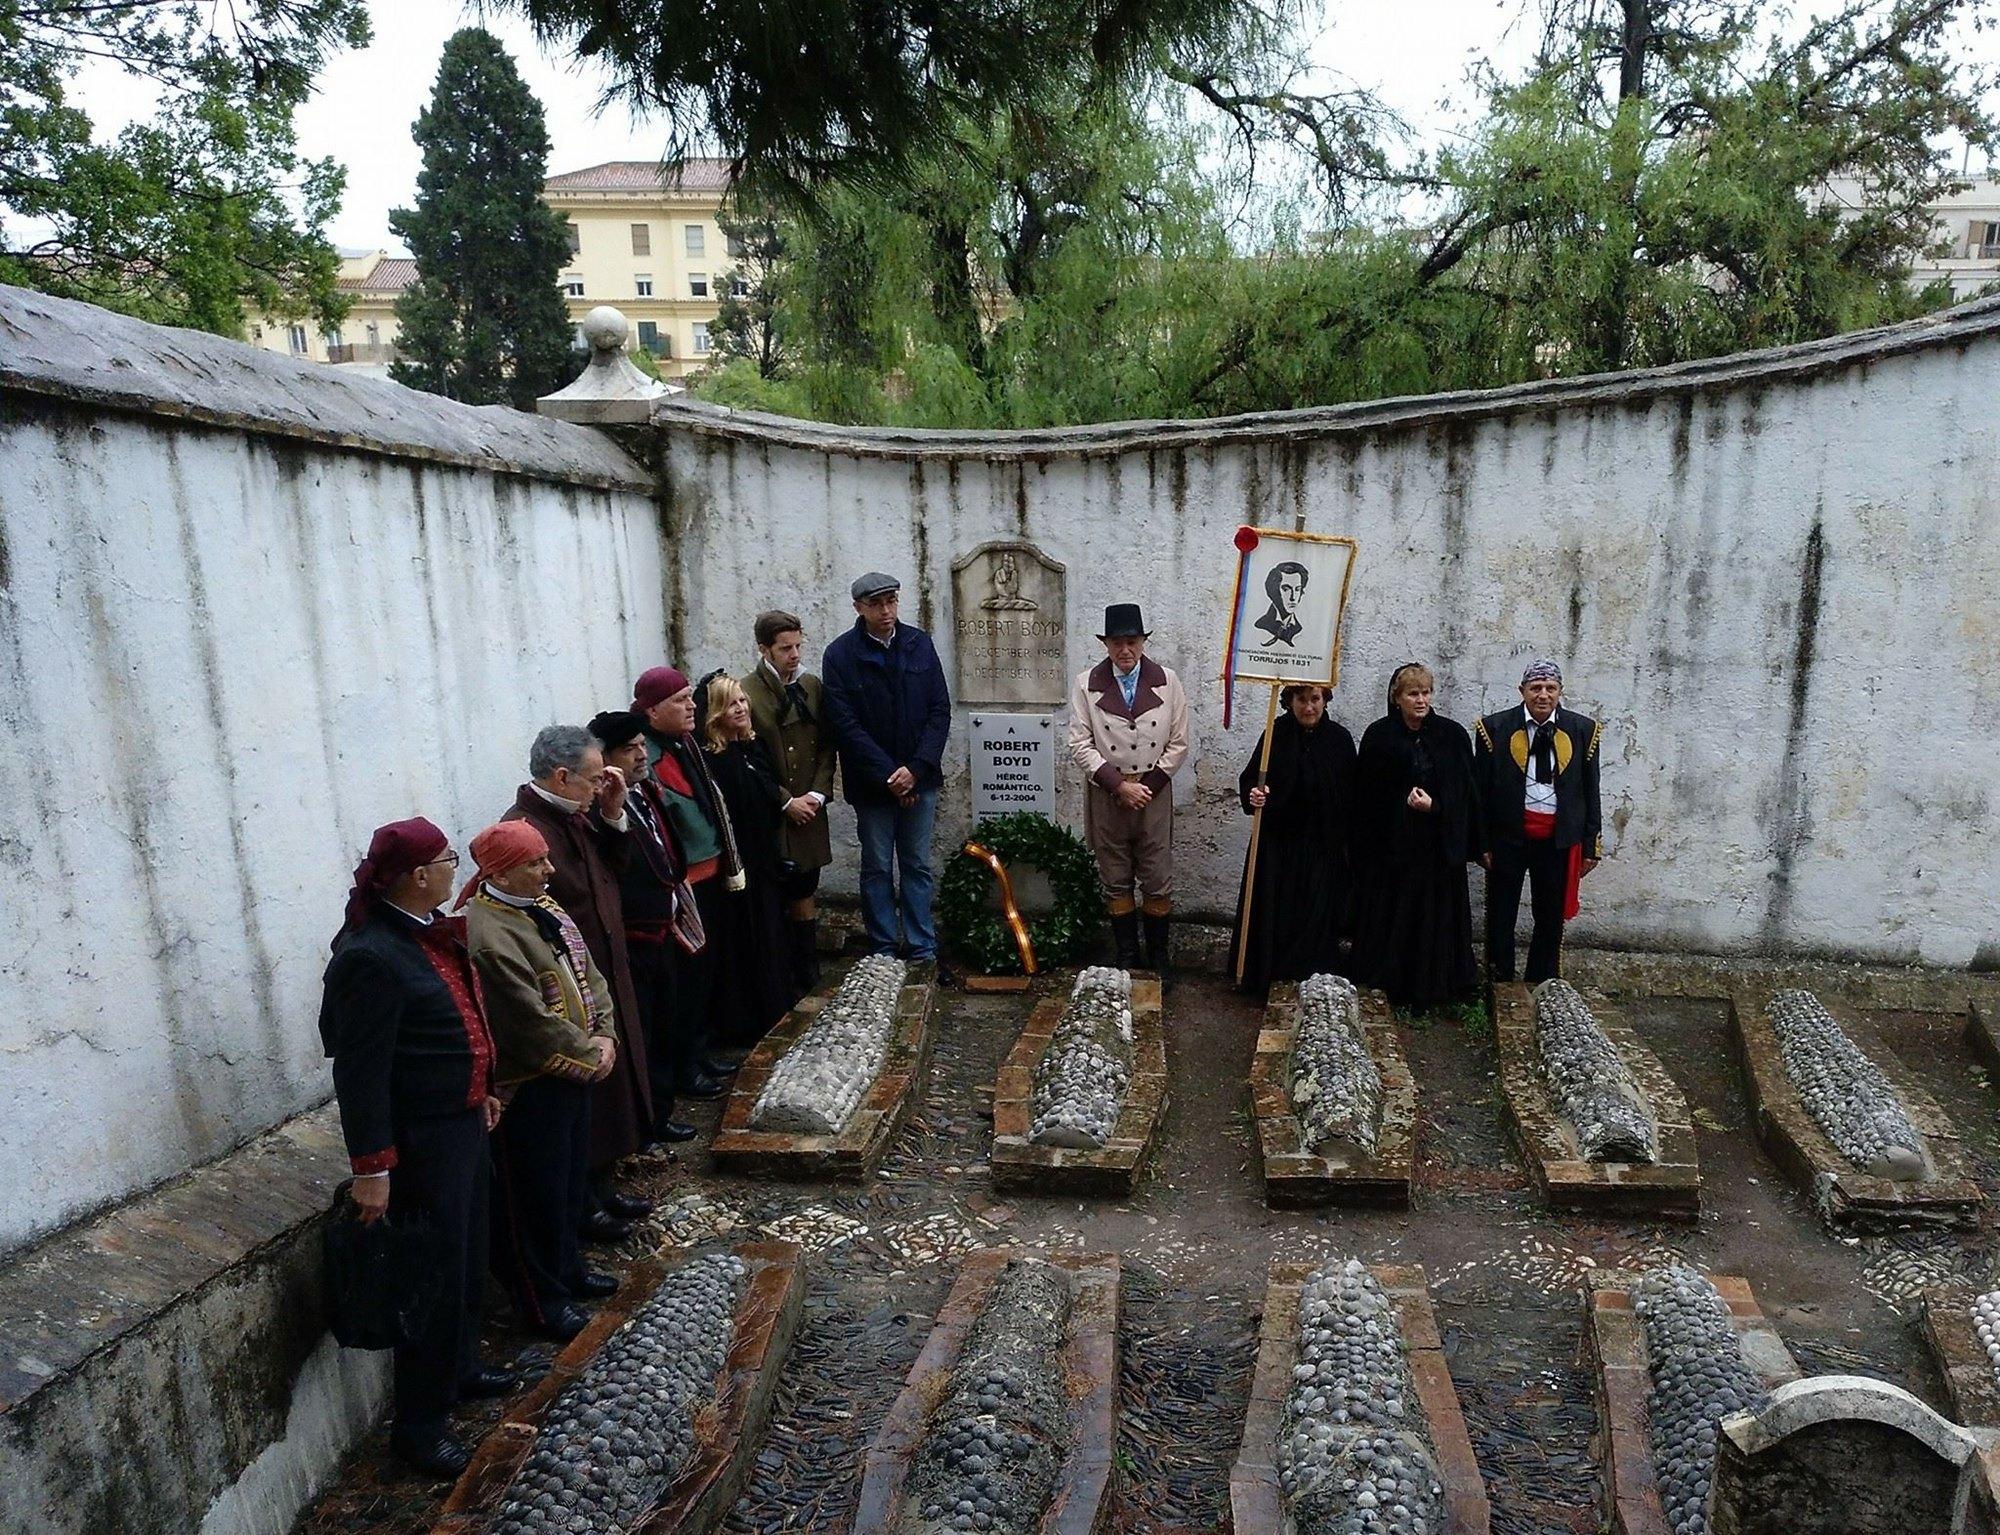 El Cementerio Inglés de Málaga durante una de los ritos anuales que allí se celebran. Foto: Facebook Fundación Cementerio Inglés